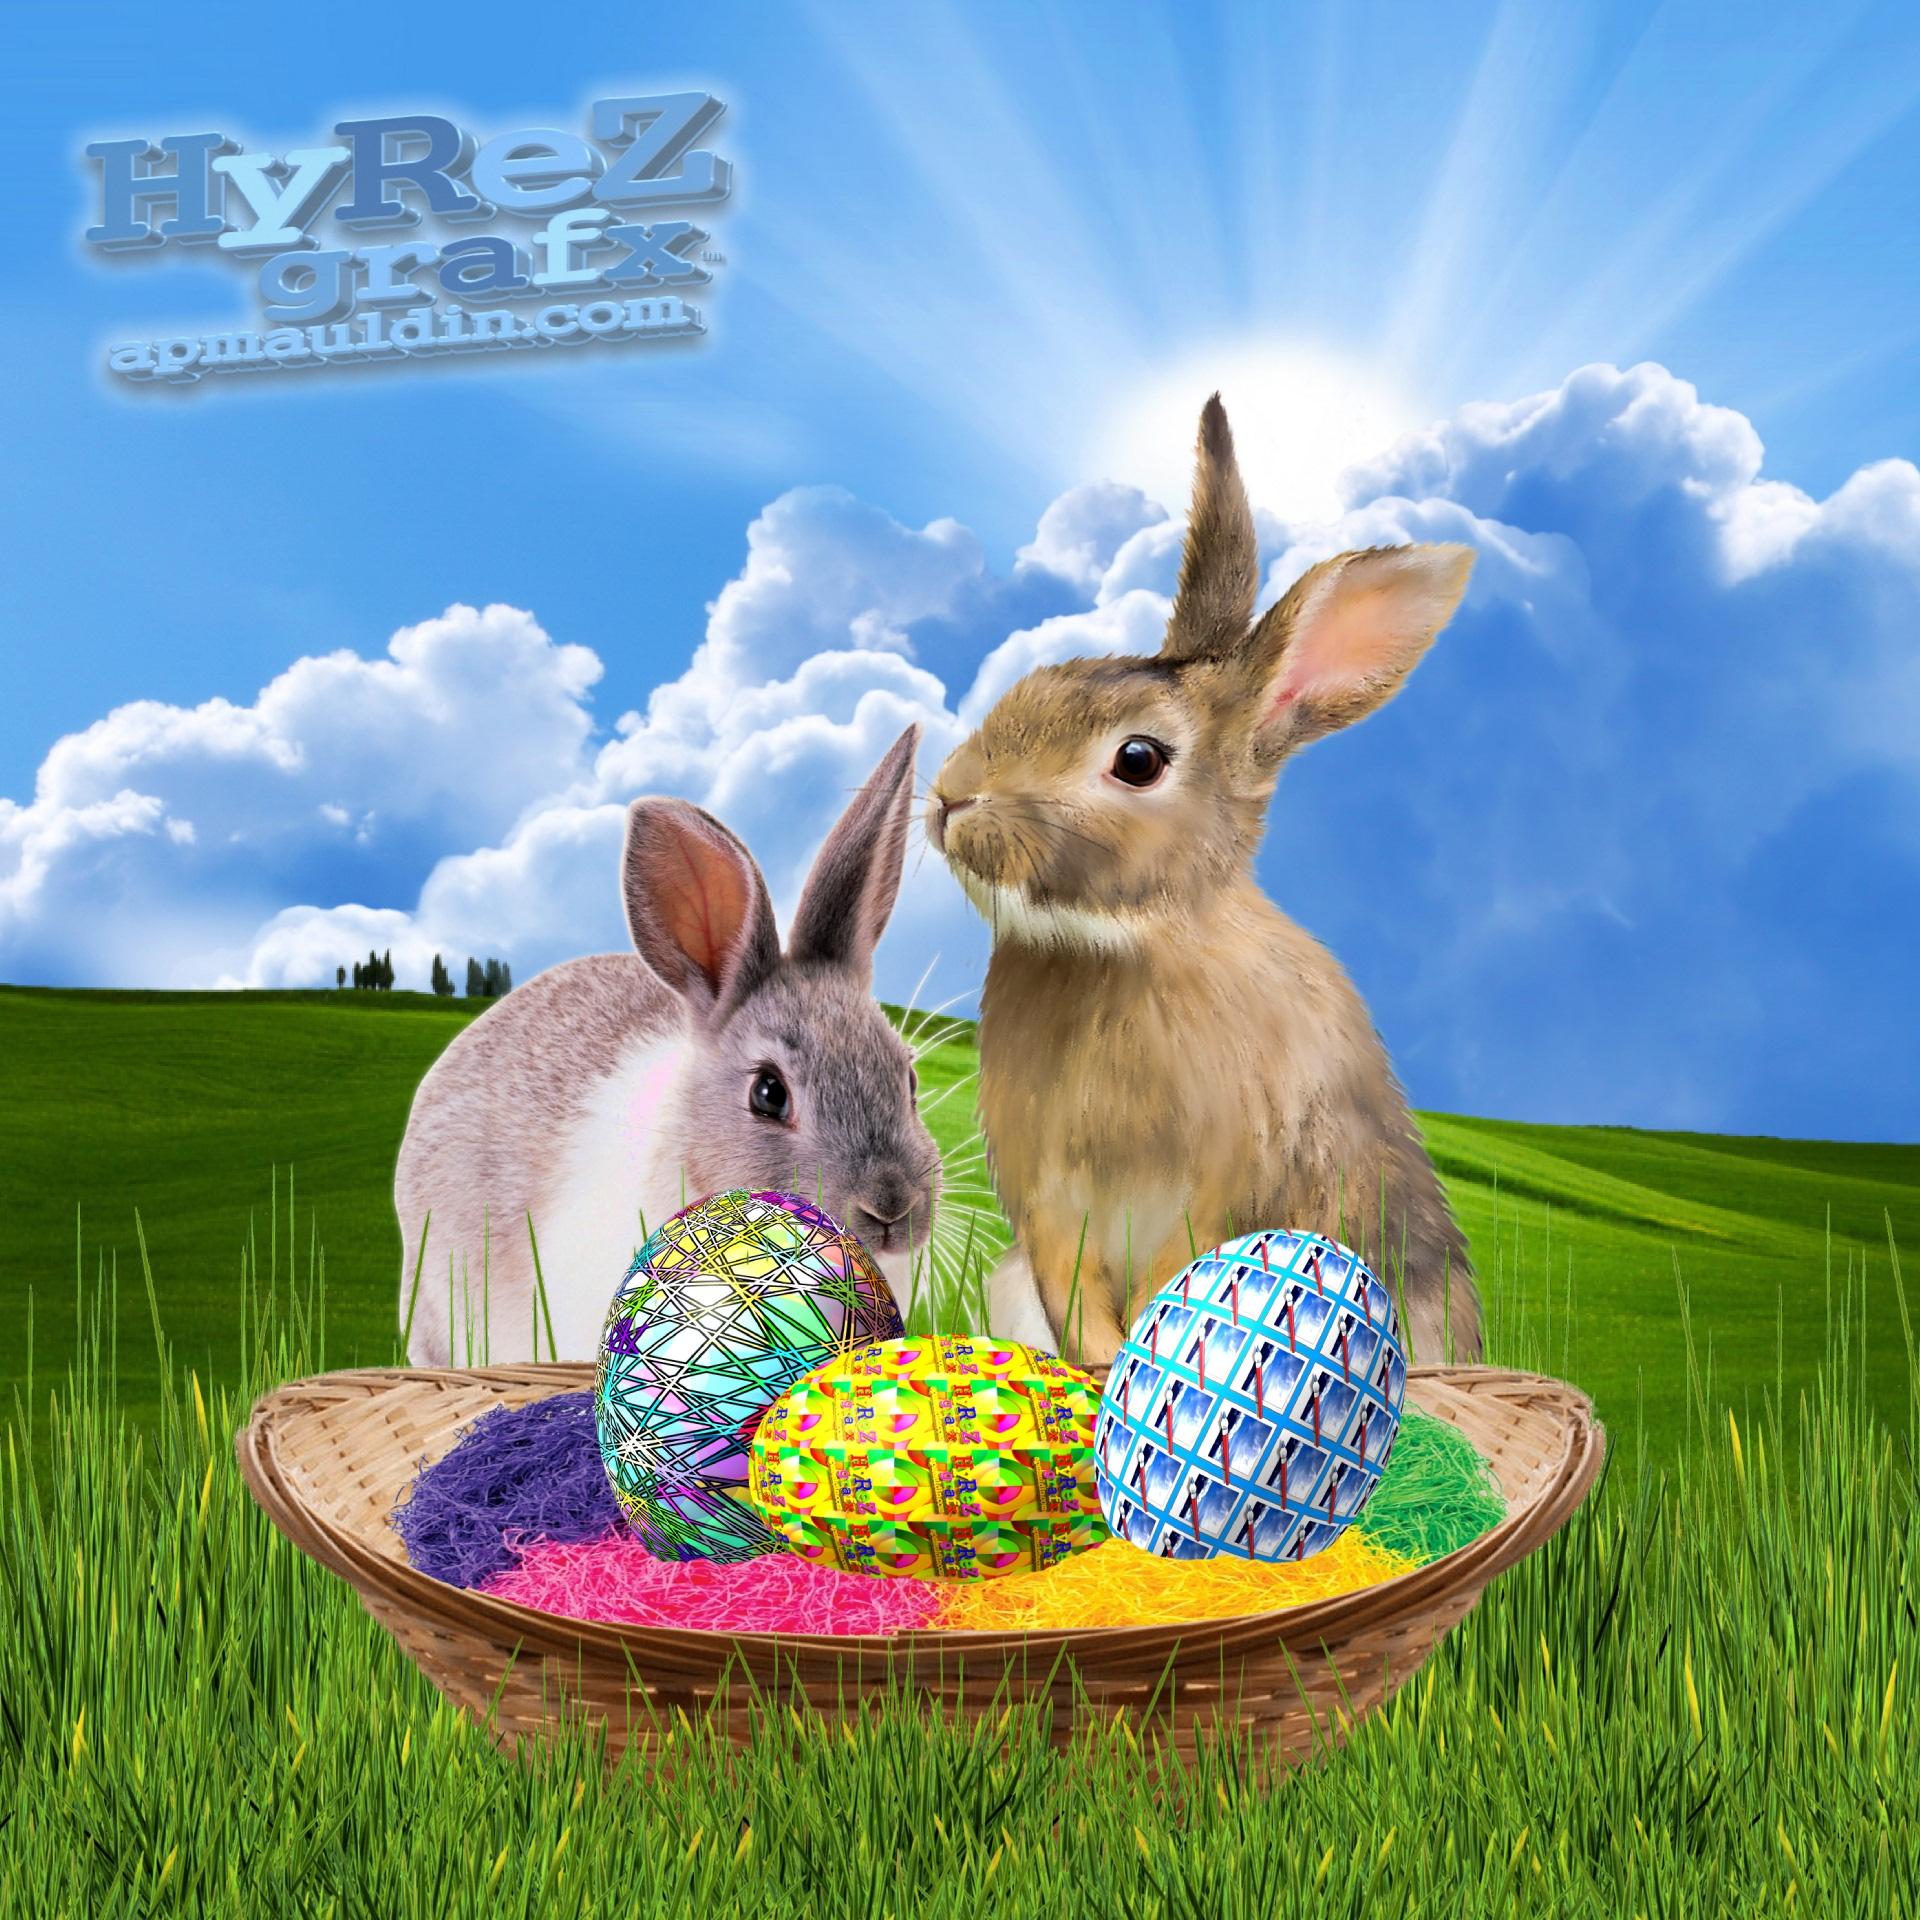 Easter_Bunnies.jpg